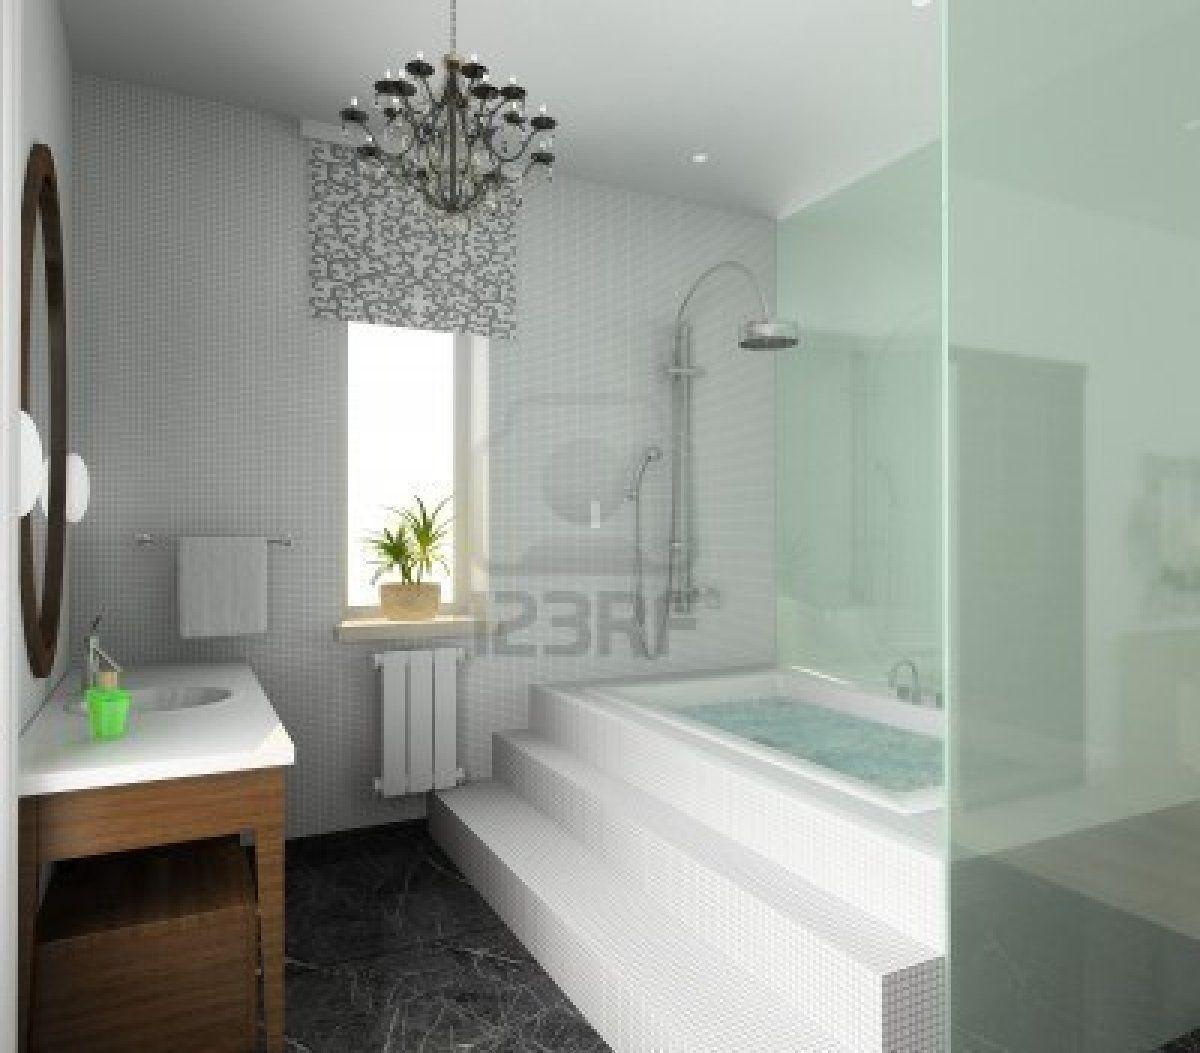 treppe f r wanne gleichzeitig sitz f r dusche badezimmer pinterest wannen treppe und. Black Bedroom Furniture Sets. Home Design Ideas